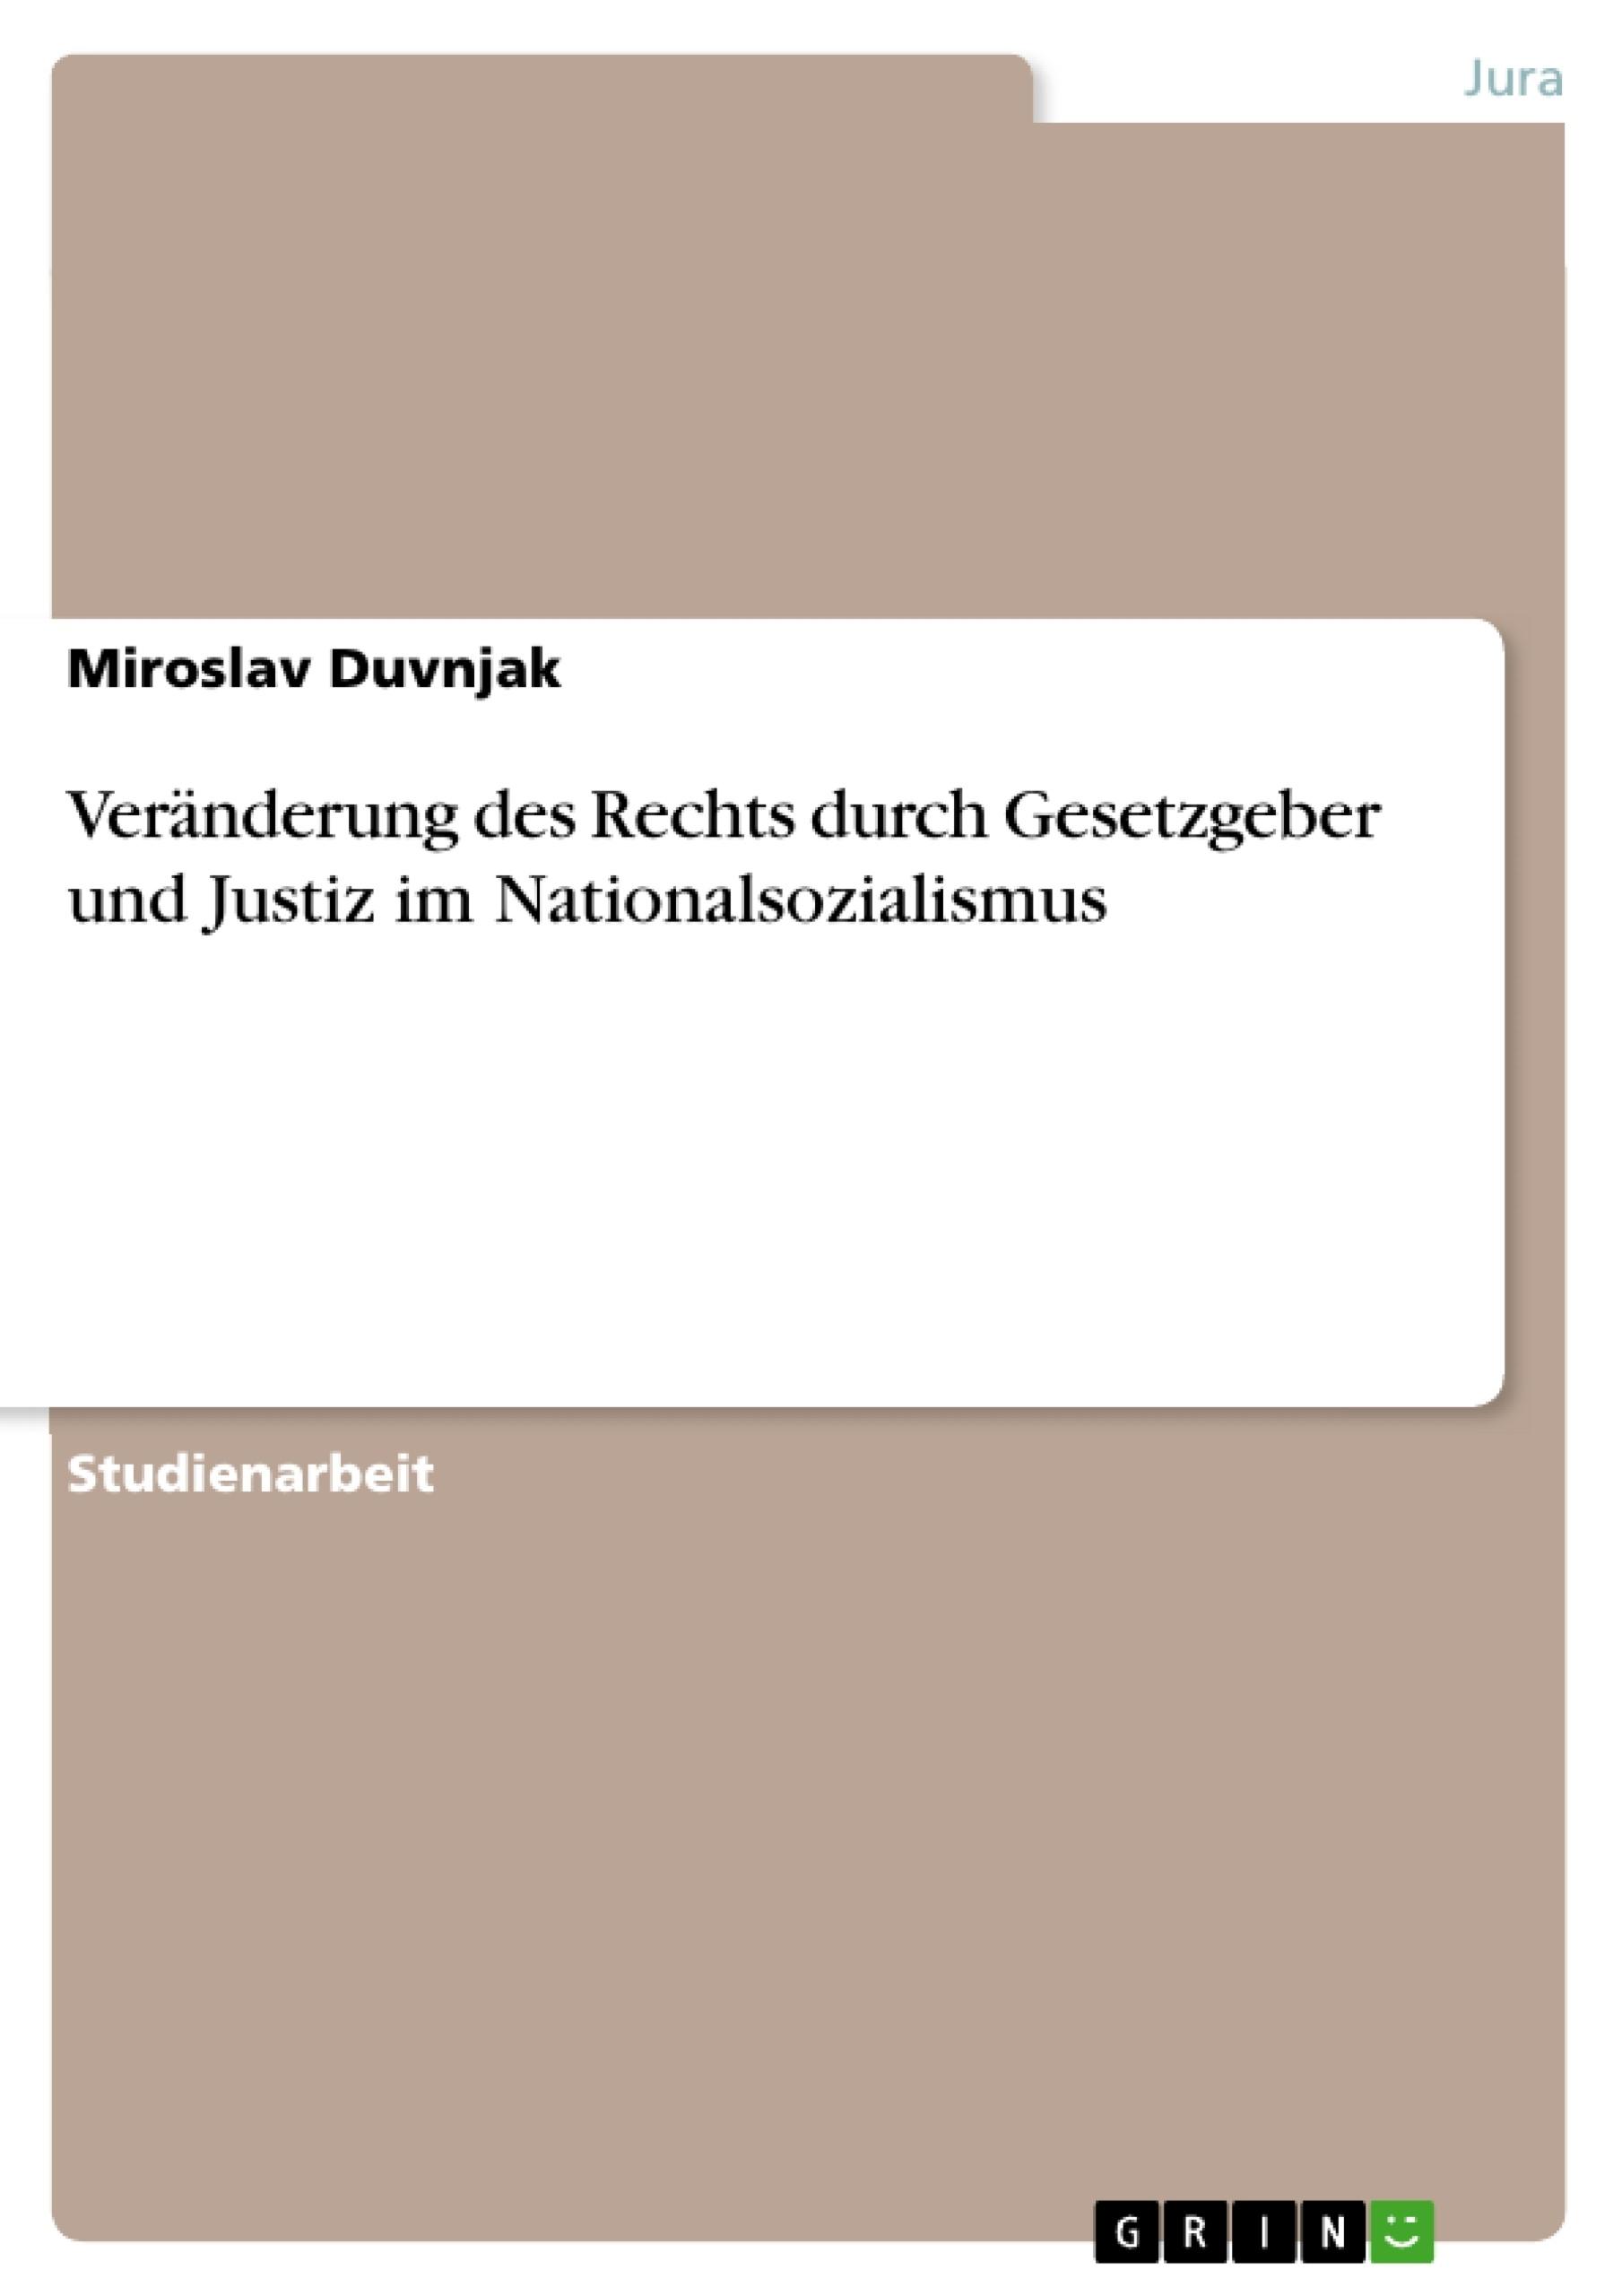 Titel: Veränderung des Rechts durch Gesetzgeber und Justiz im Nationalsozialismus